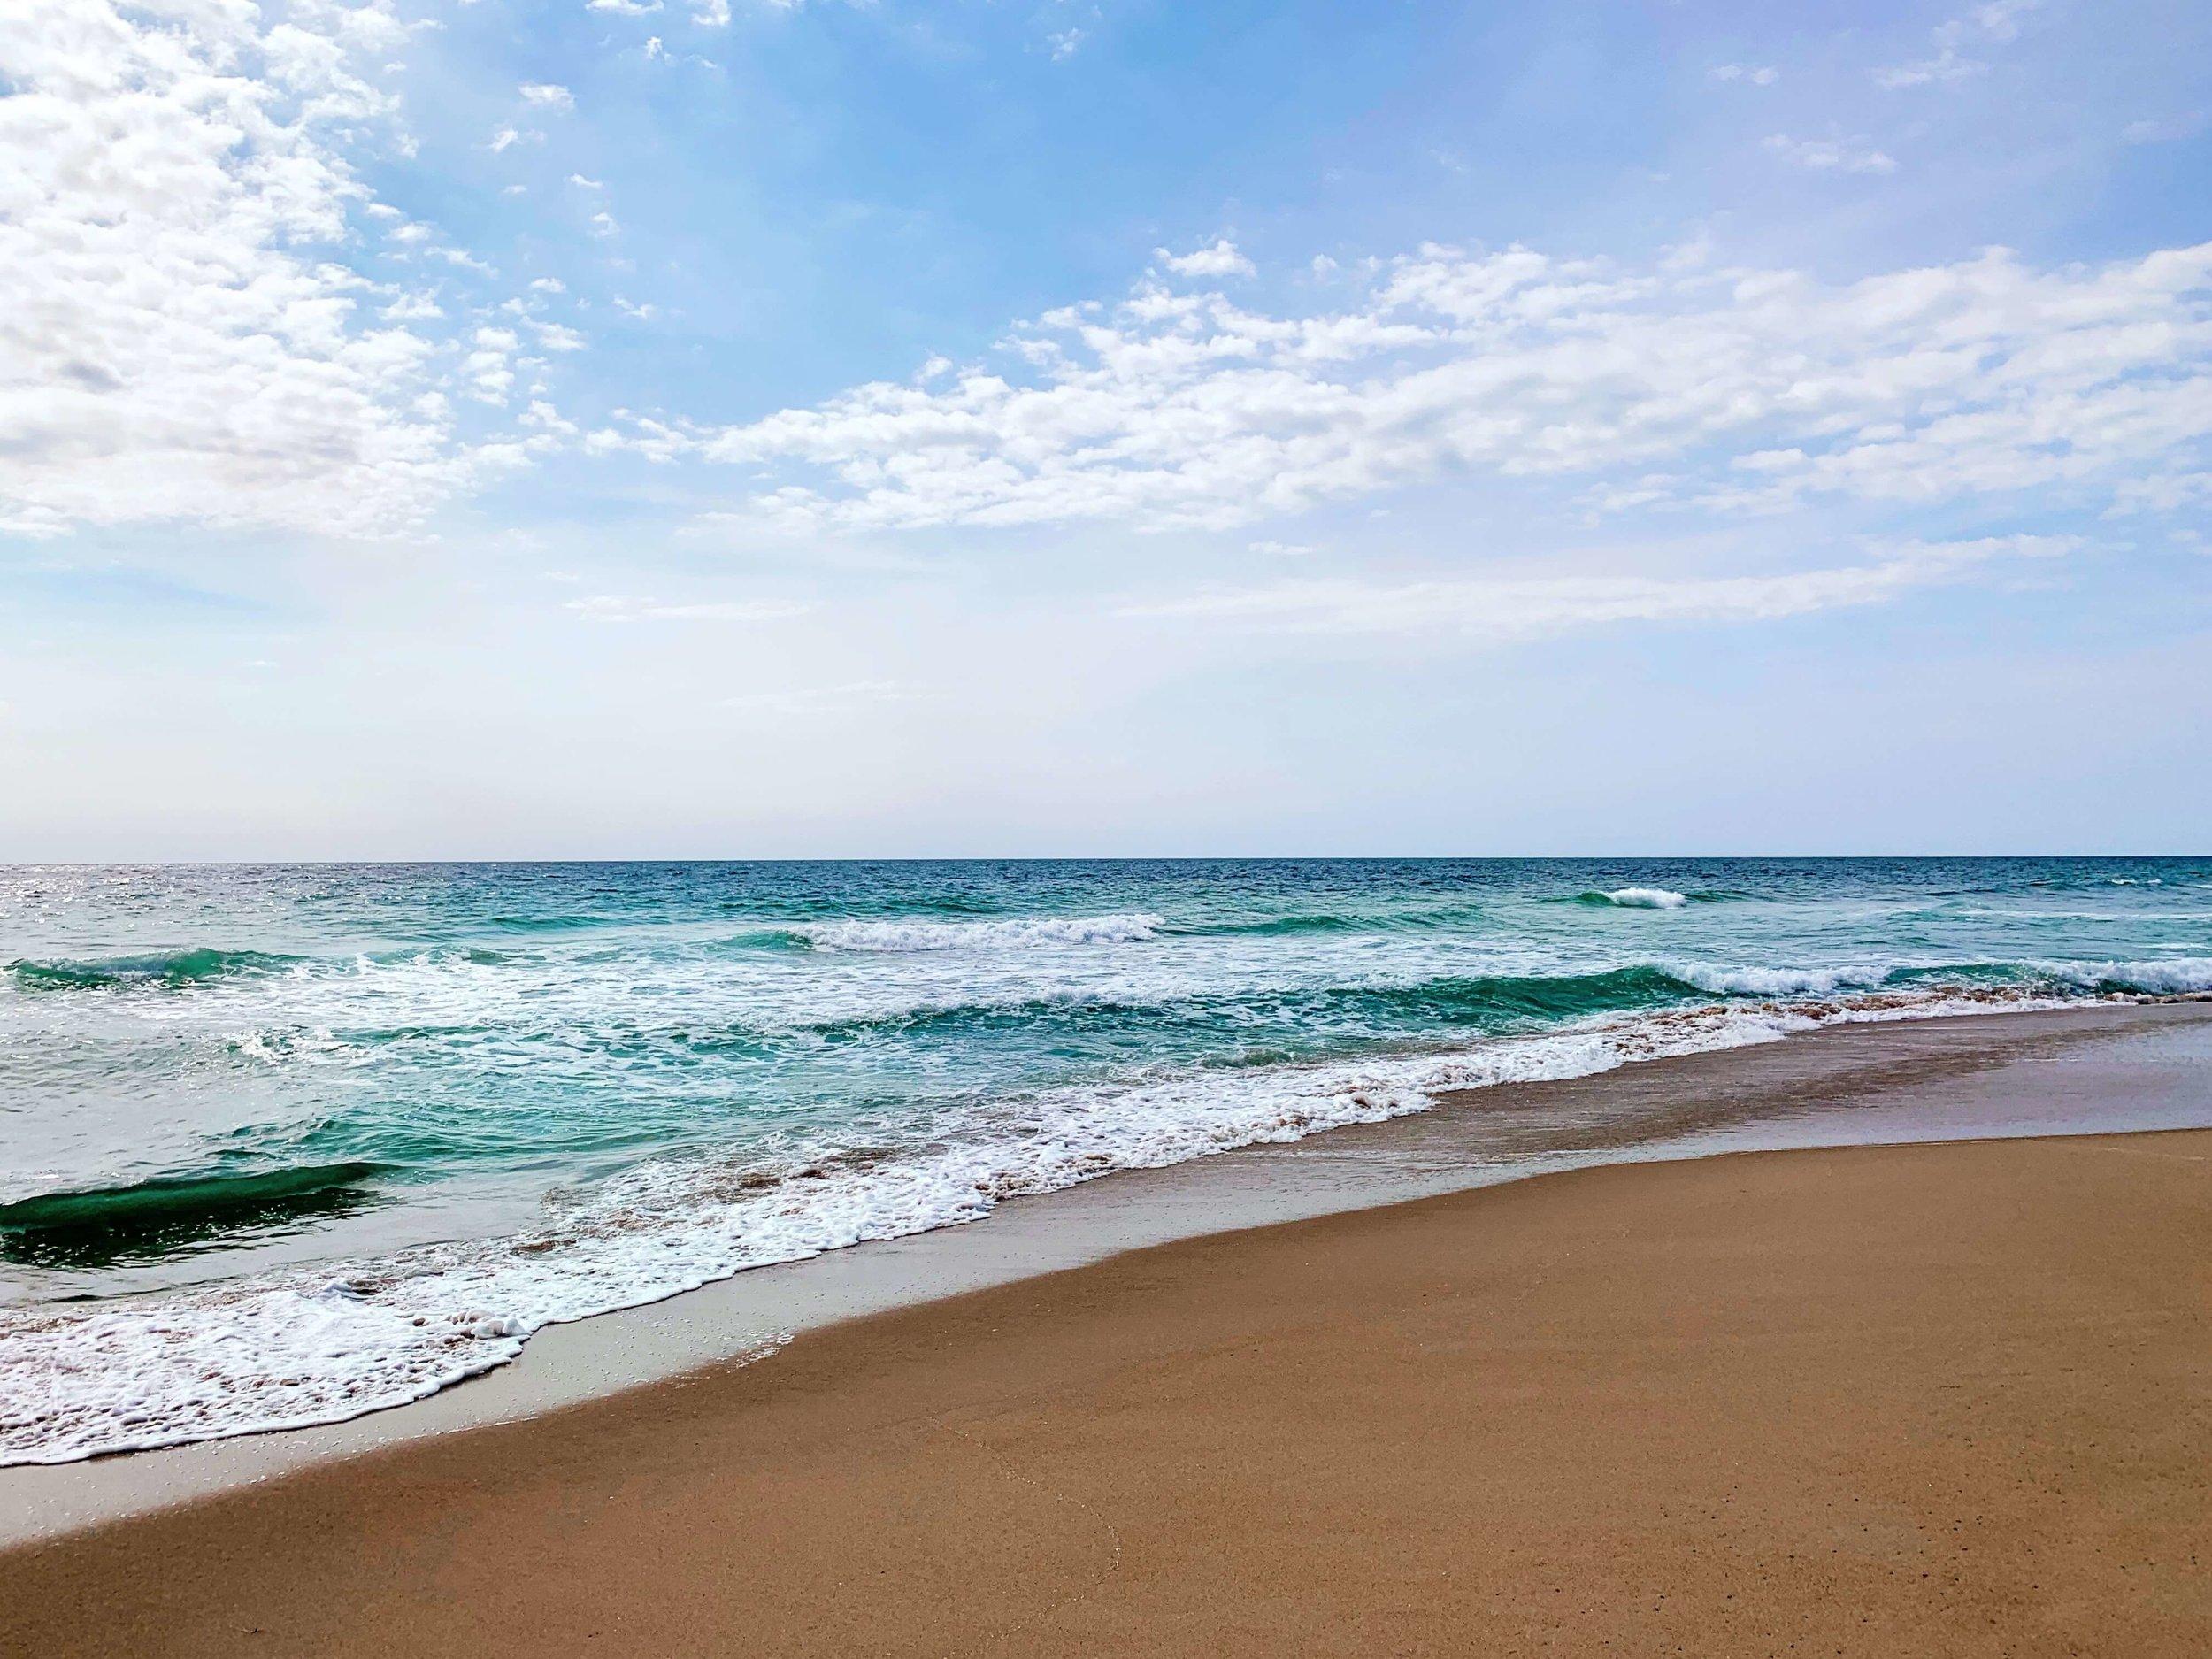 Buxton, NC - waves and surf